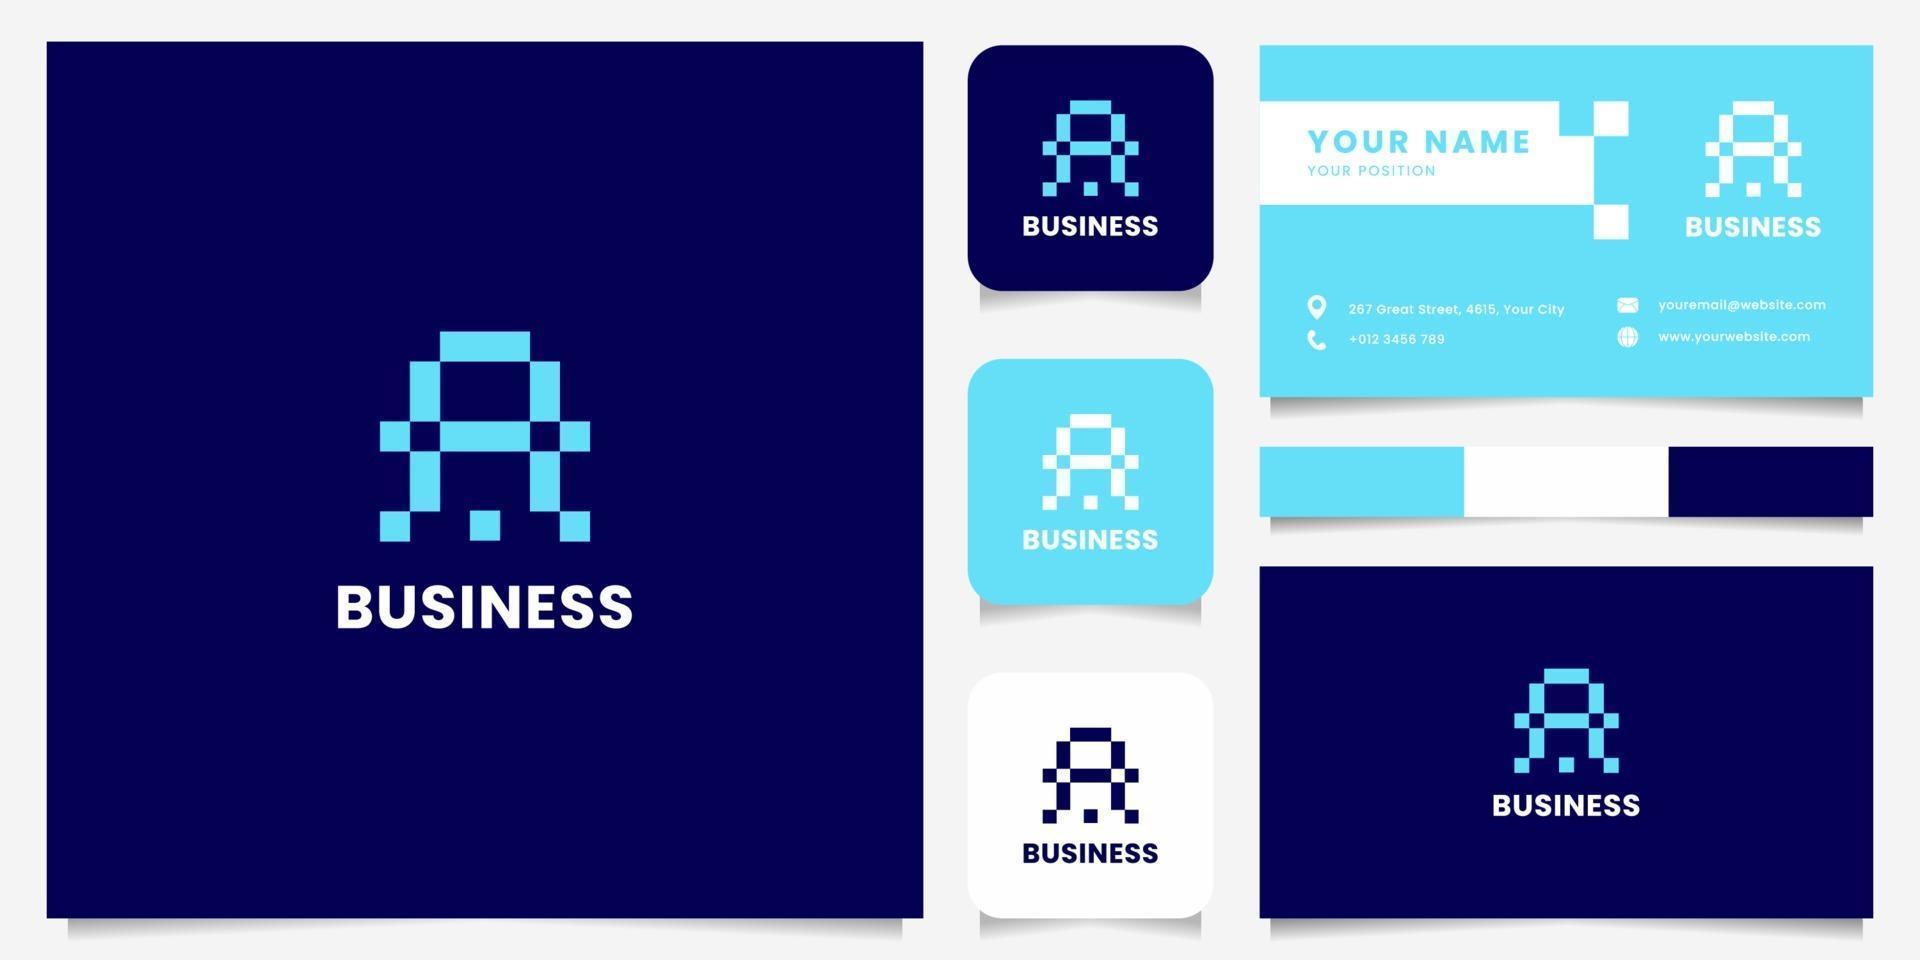 eenvoudige en minimalistische blauwe pixel letter een logo met sjabloon voor visitekaartjes vector